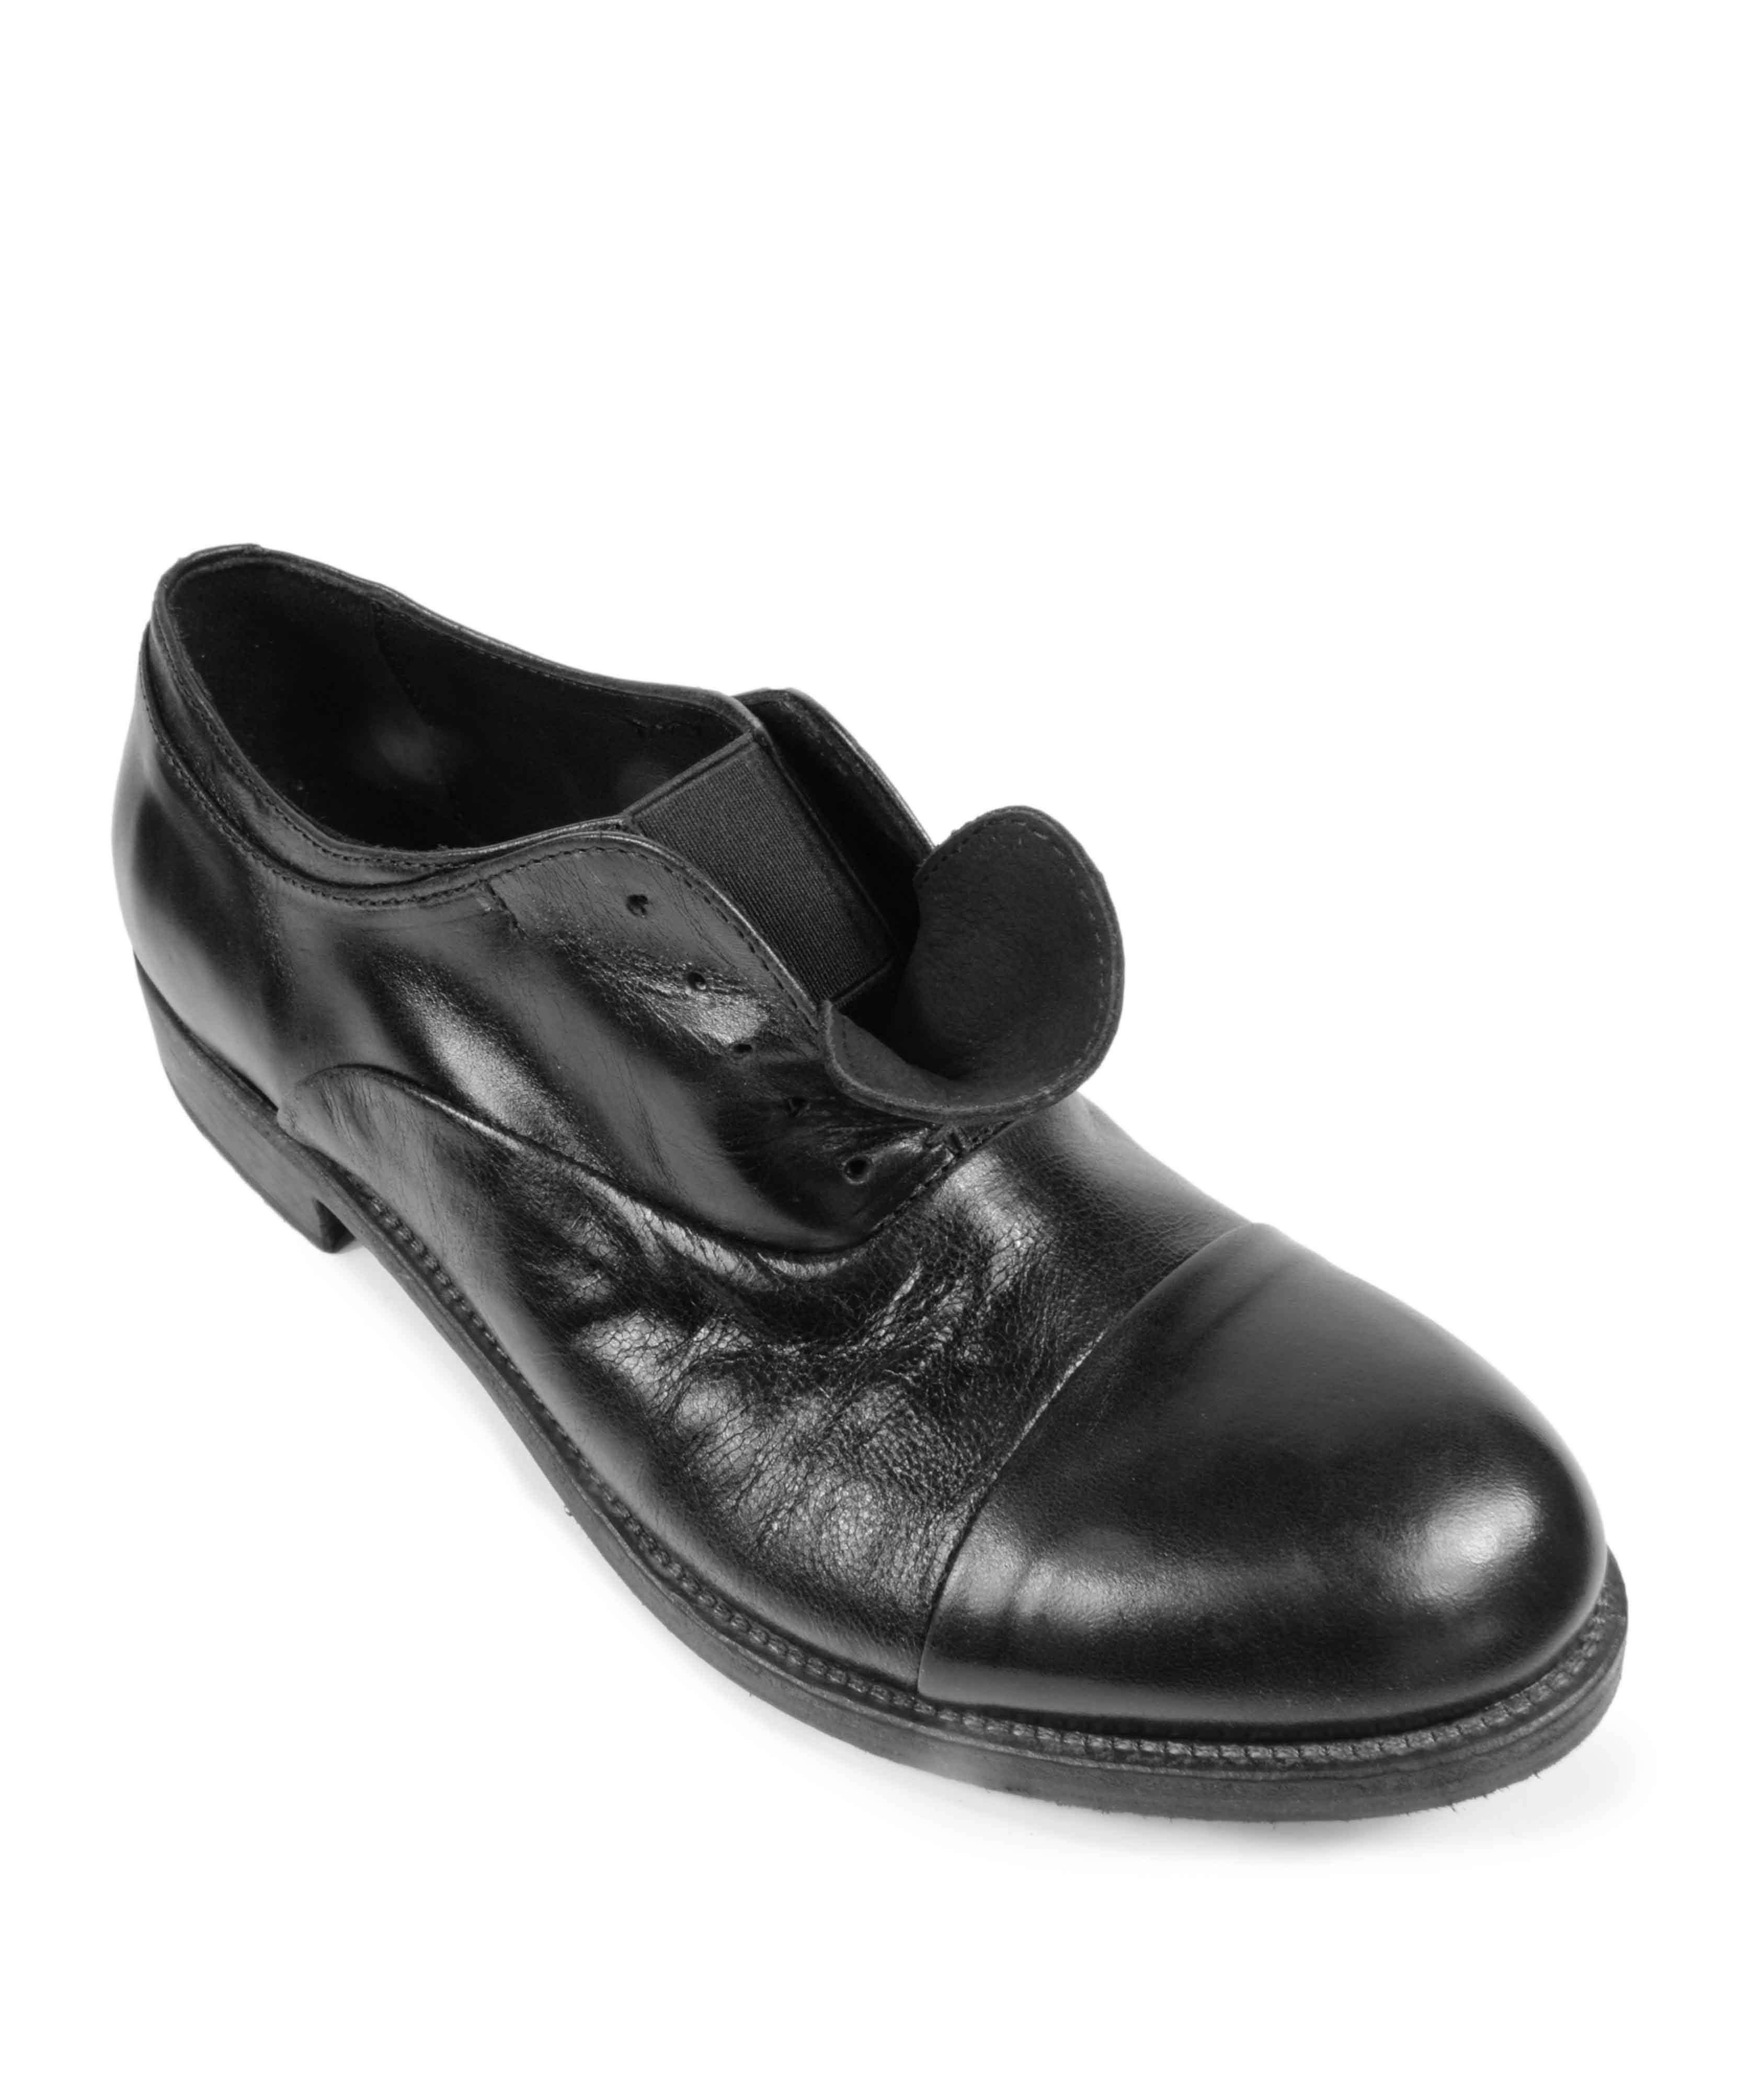 Pawelk's scarpa da uomo francesina stringata Vestire Shop